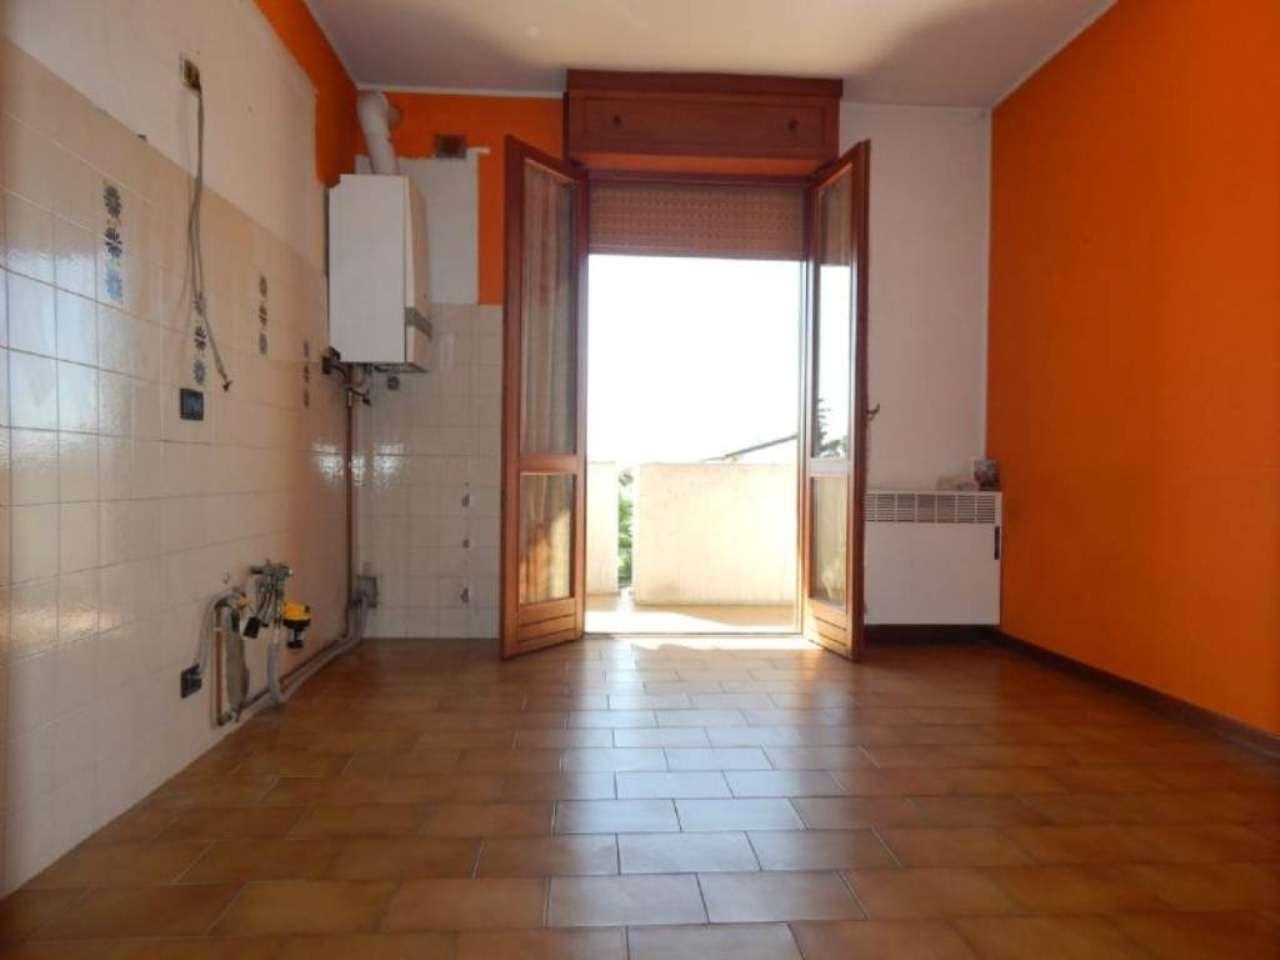 Appartamento in vendita a Caravaggio, 4 locali, prezzo € 129.000 | Cambio Casa.it